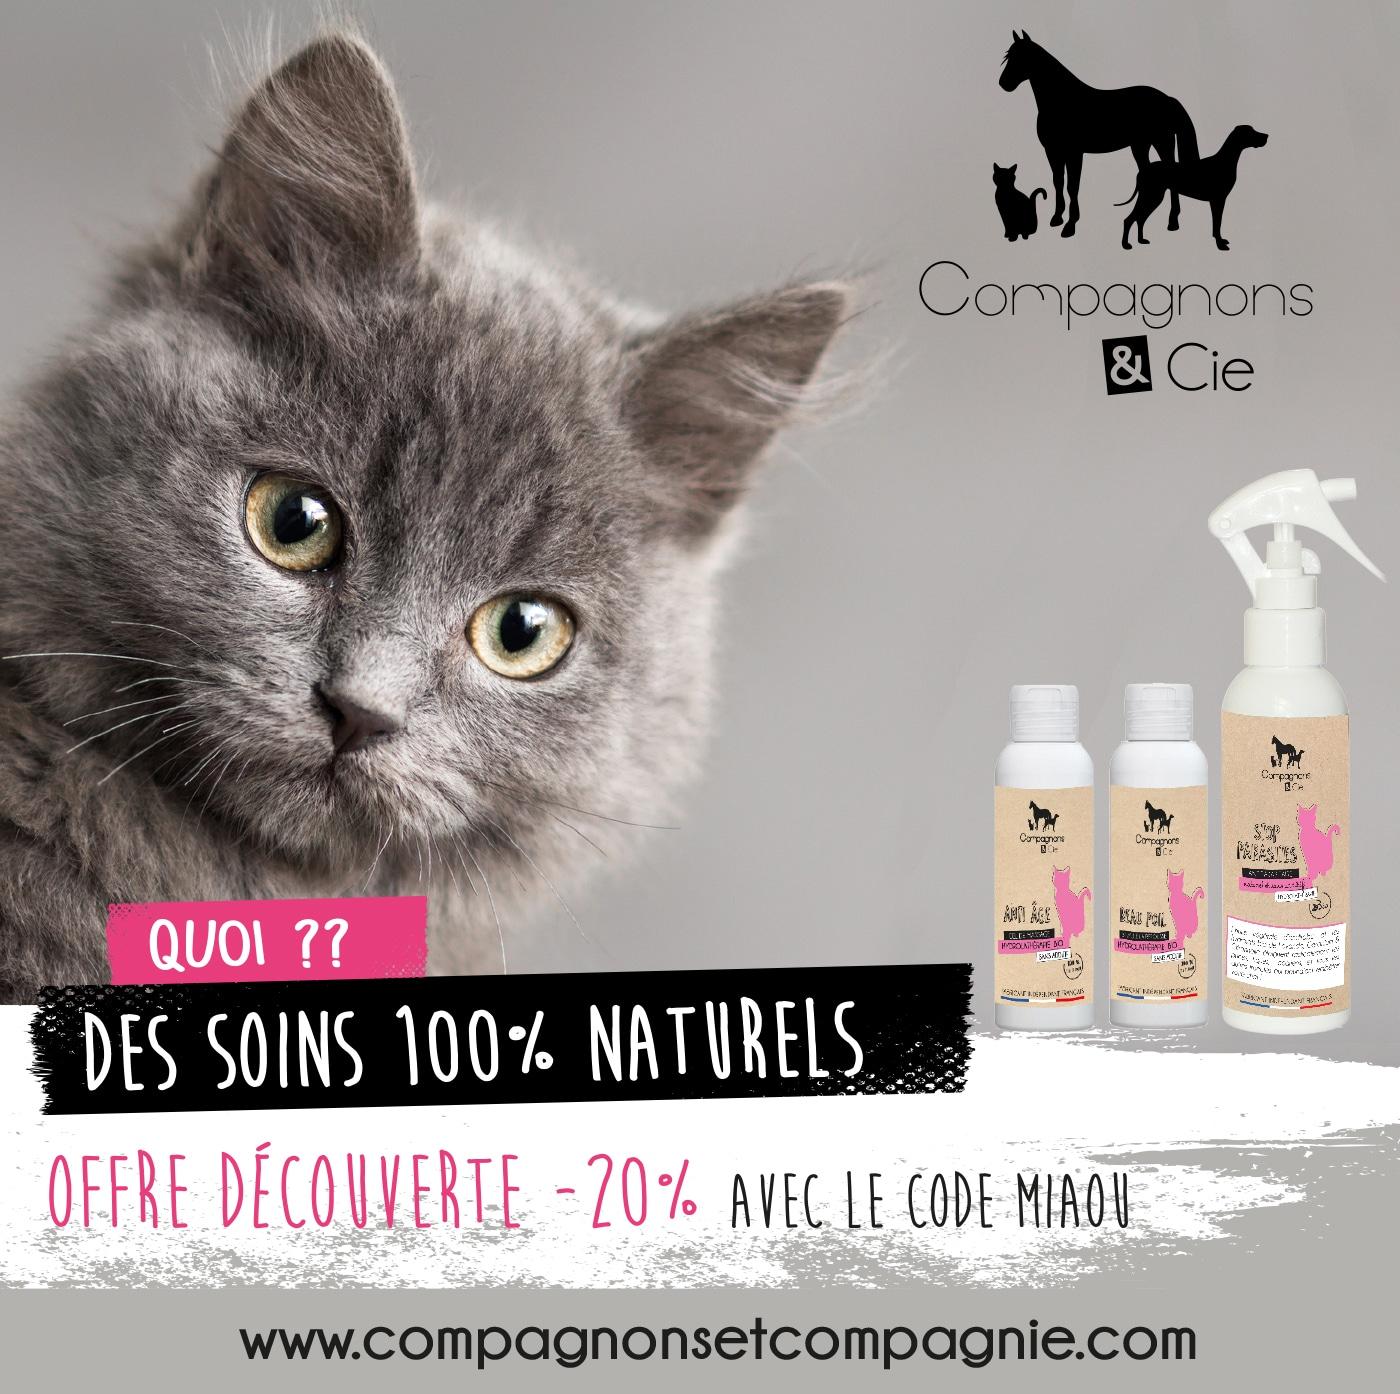 Compagnonsetcompagnie.com site de vente en ligne de soins bio et naturels pour chats fabricant hyrolathérapie pour chat french tech made in france